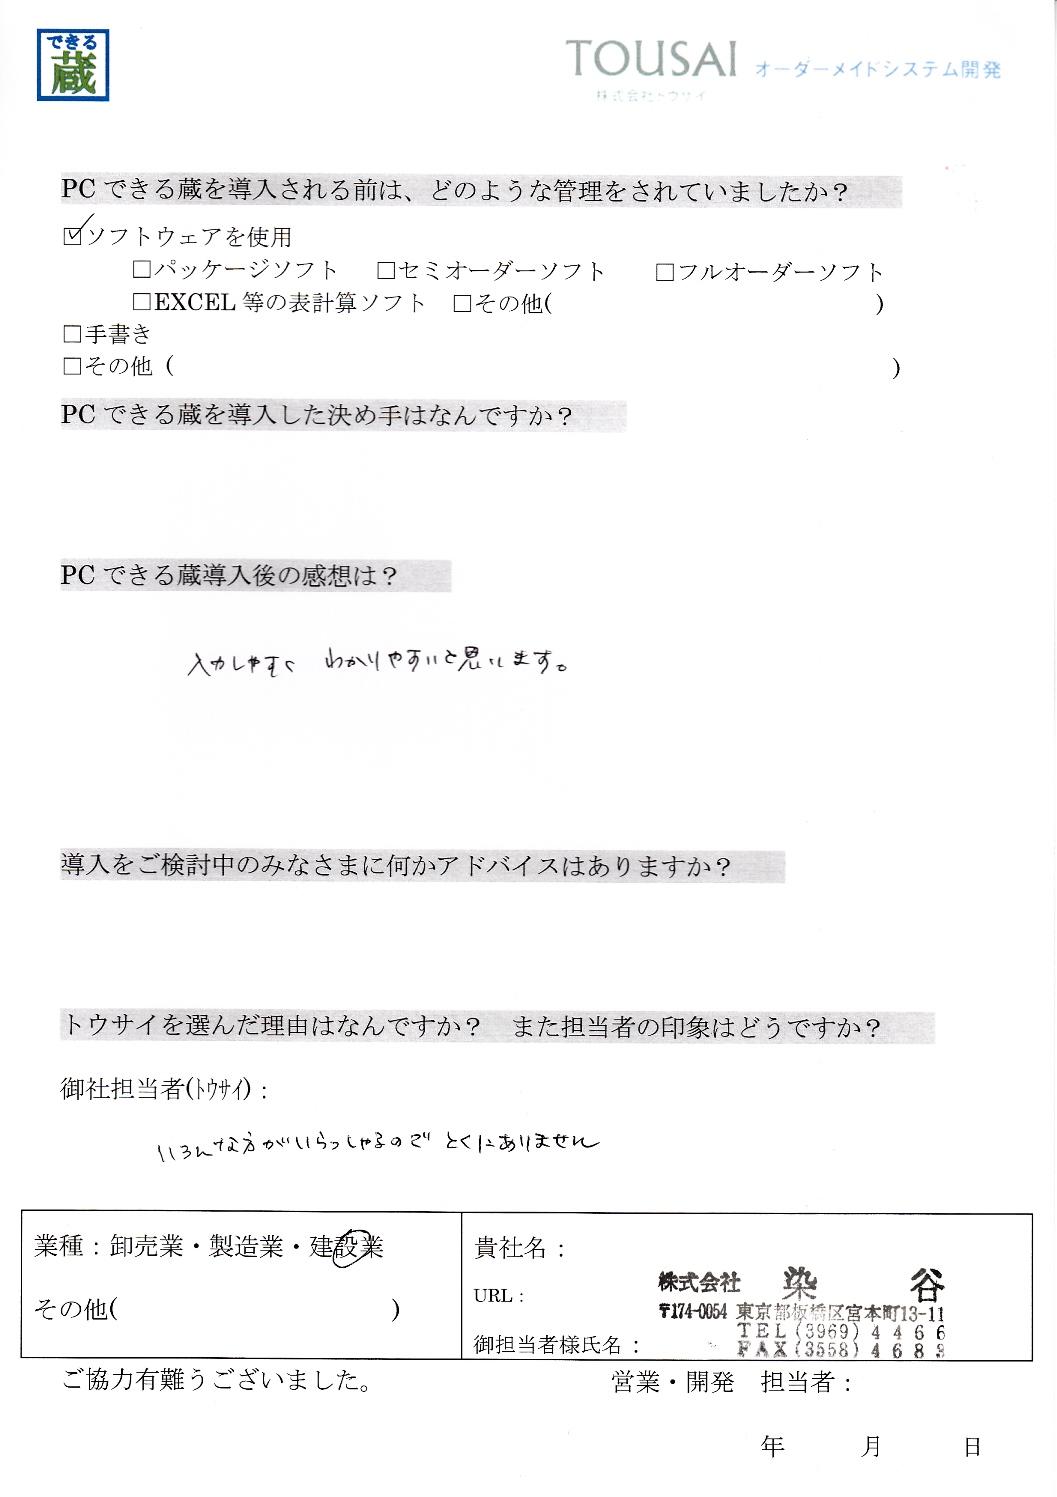 株式会社 染谷 様